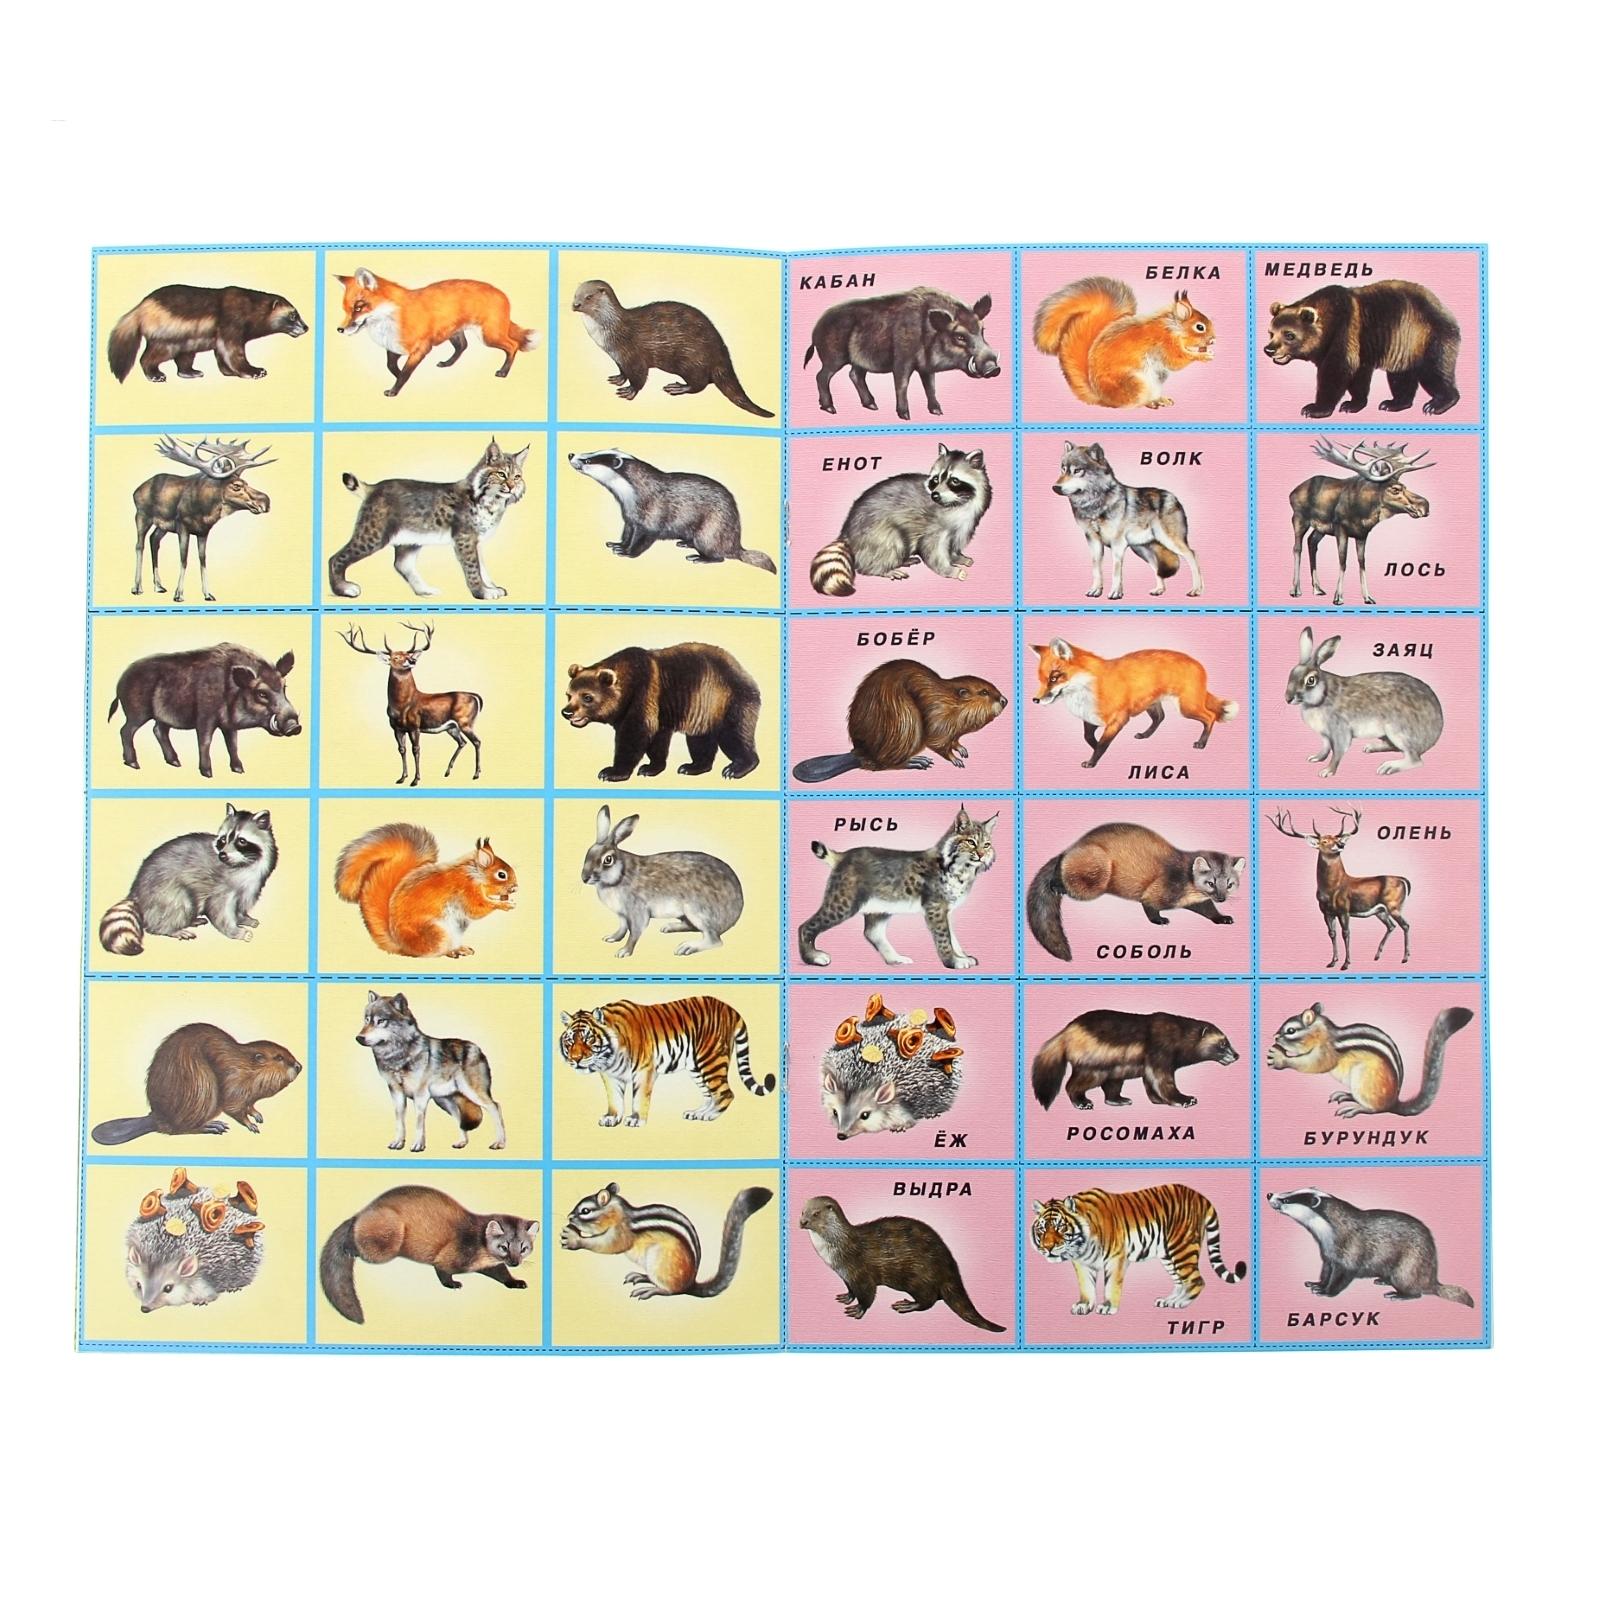 тебя, картинки животных с названиями для самых маленьких многообразие современных материалов